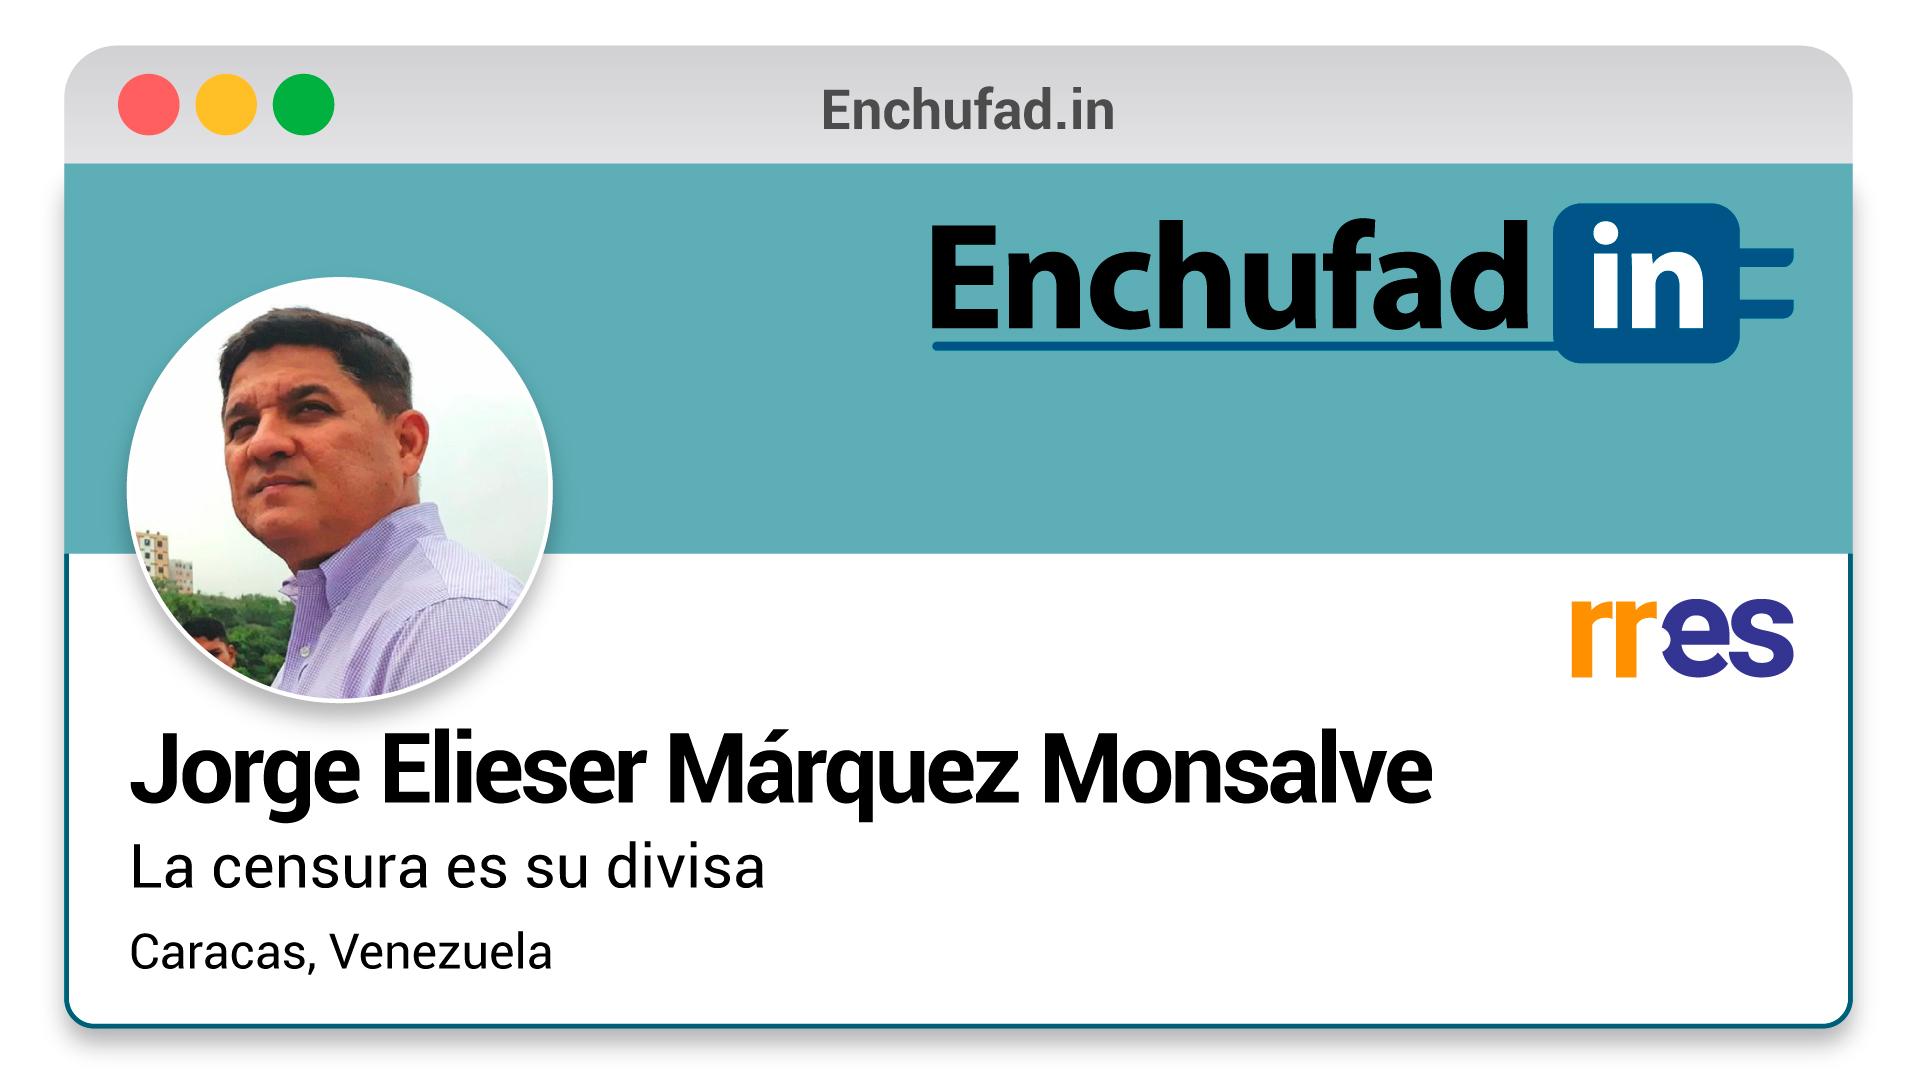 #EnchufaDÍN | Felicita a Jorge Elieser Márquez por su nuevo cargo